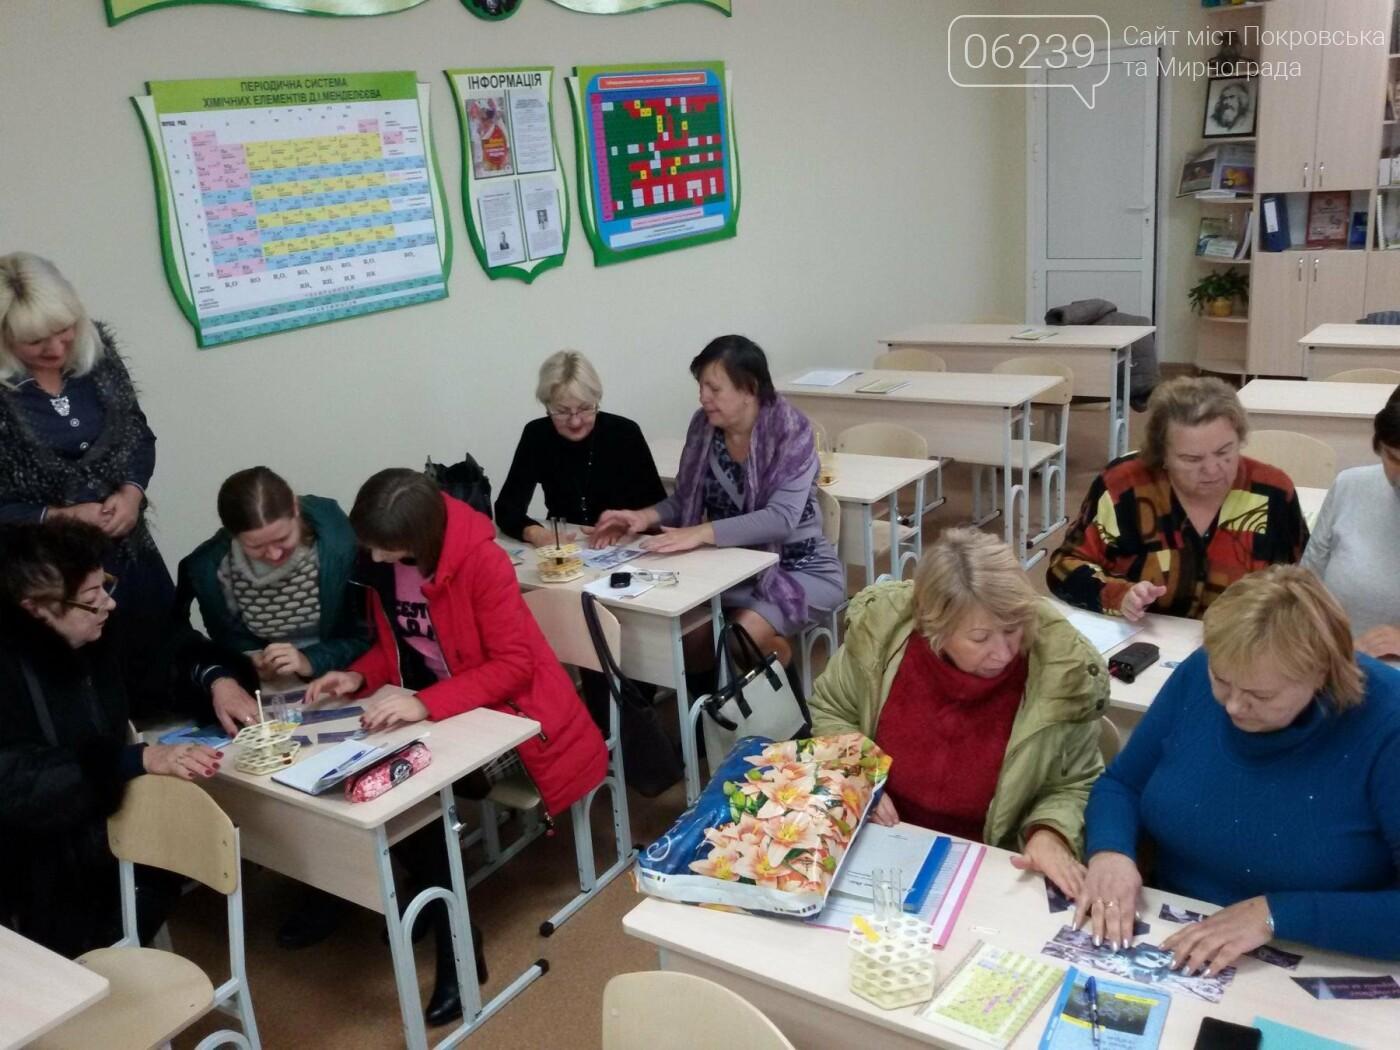 В Покровской опорной школе №9 прошел семинар-практикум по здоровьесбережению, фото-9